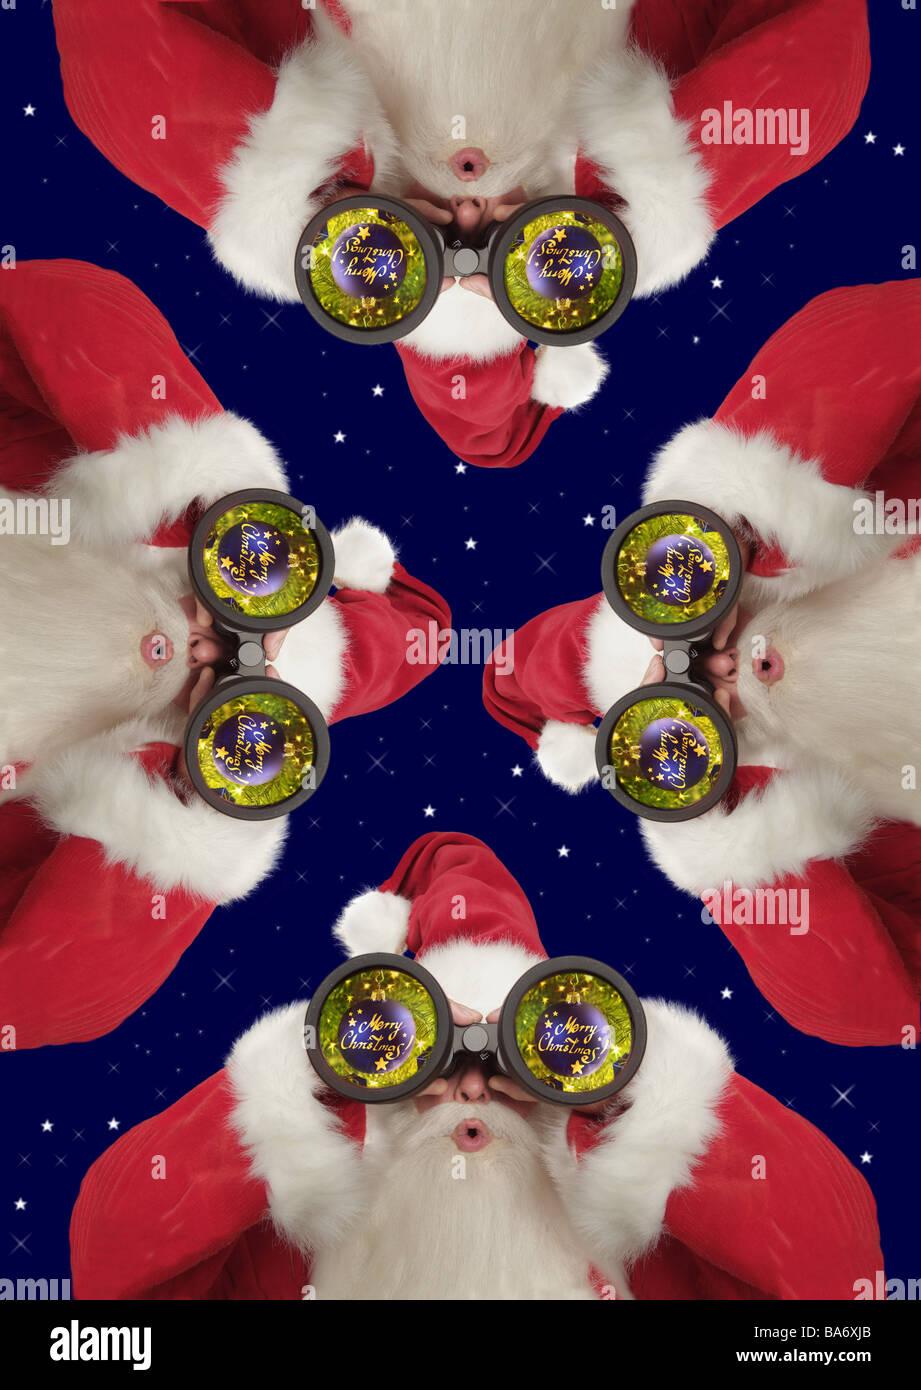 Buon Natale Particolare.Christmas Santa Claus Binocolo Sono Stupito Sguardo Particolare